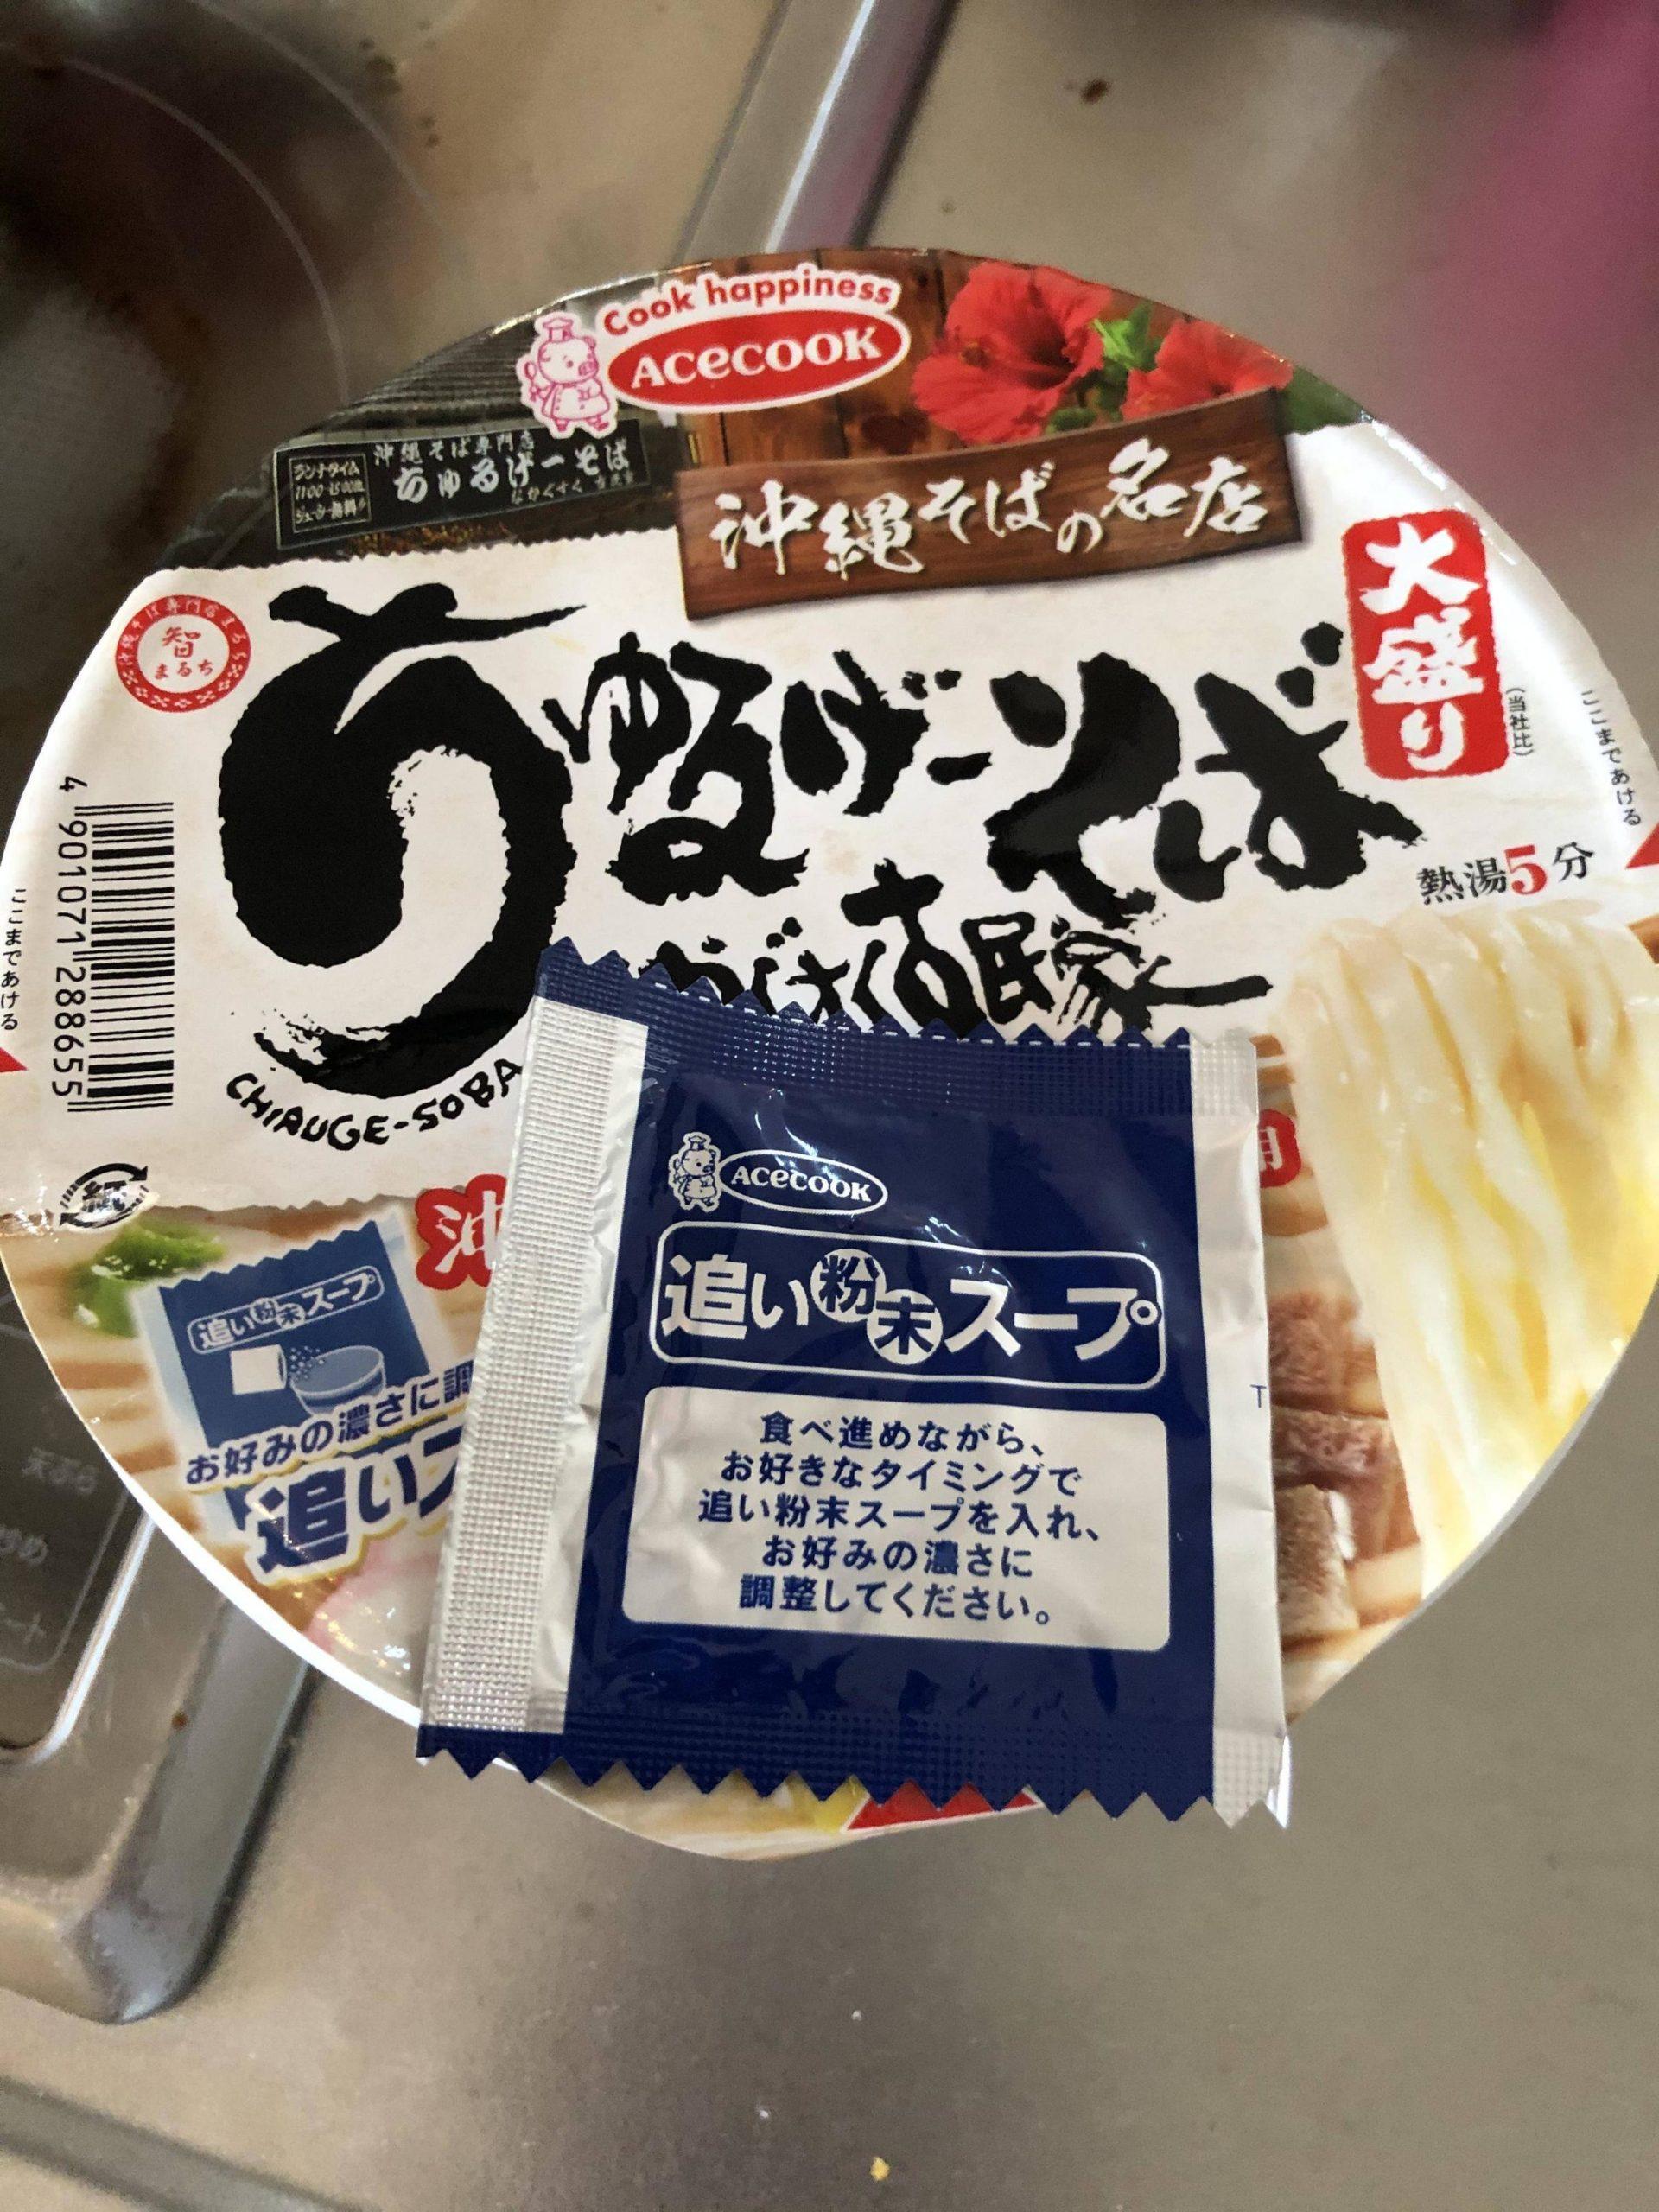 カップ麺の粉末スープ「熱湯を入れる前に入れてください」←わかる